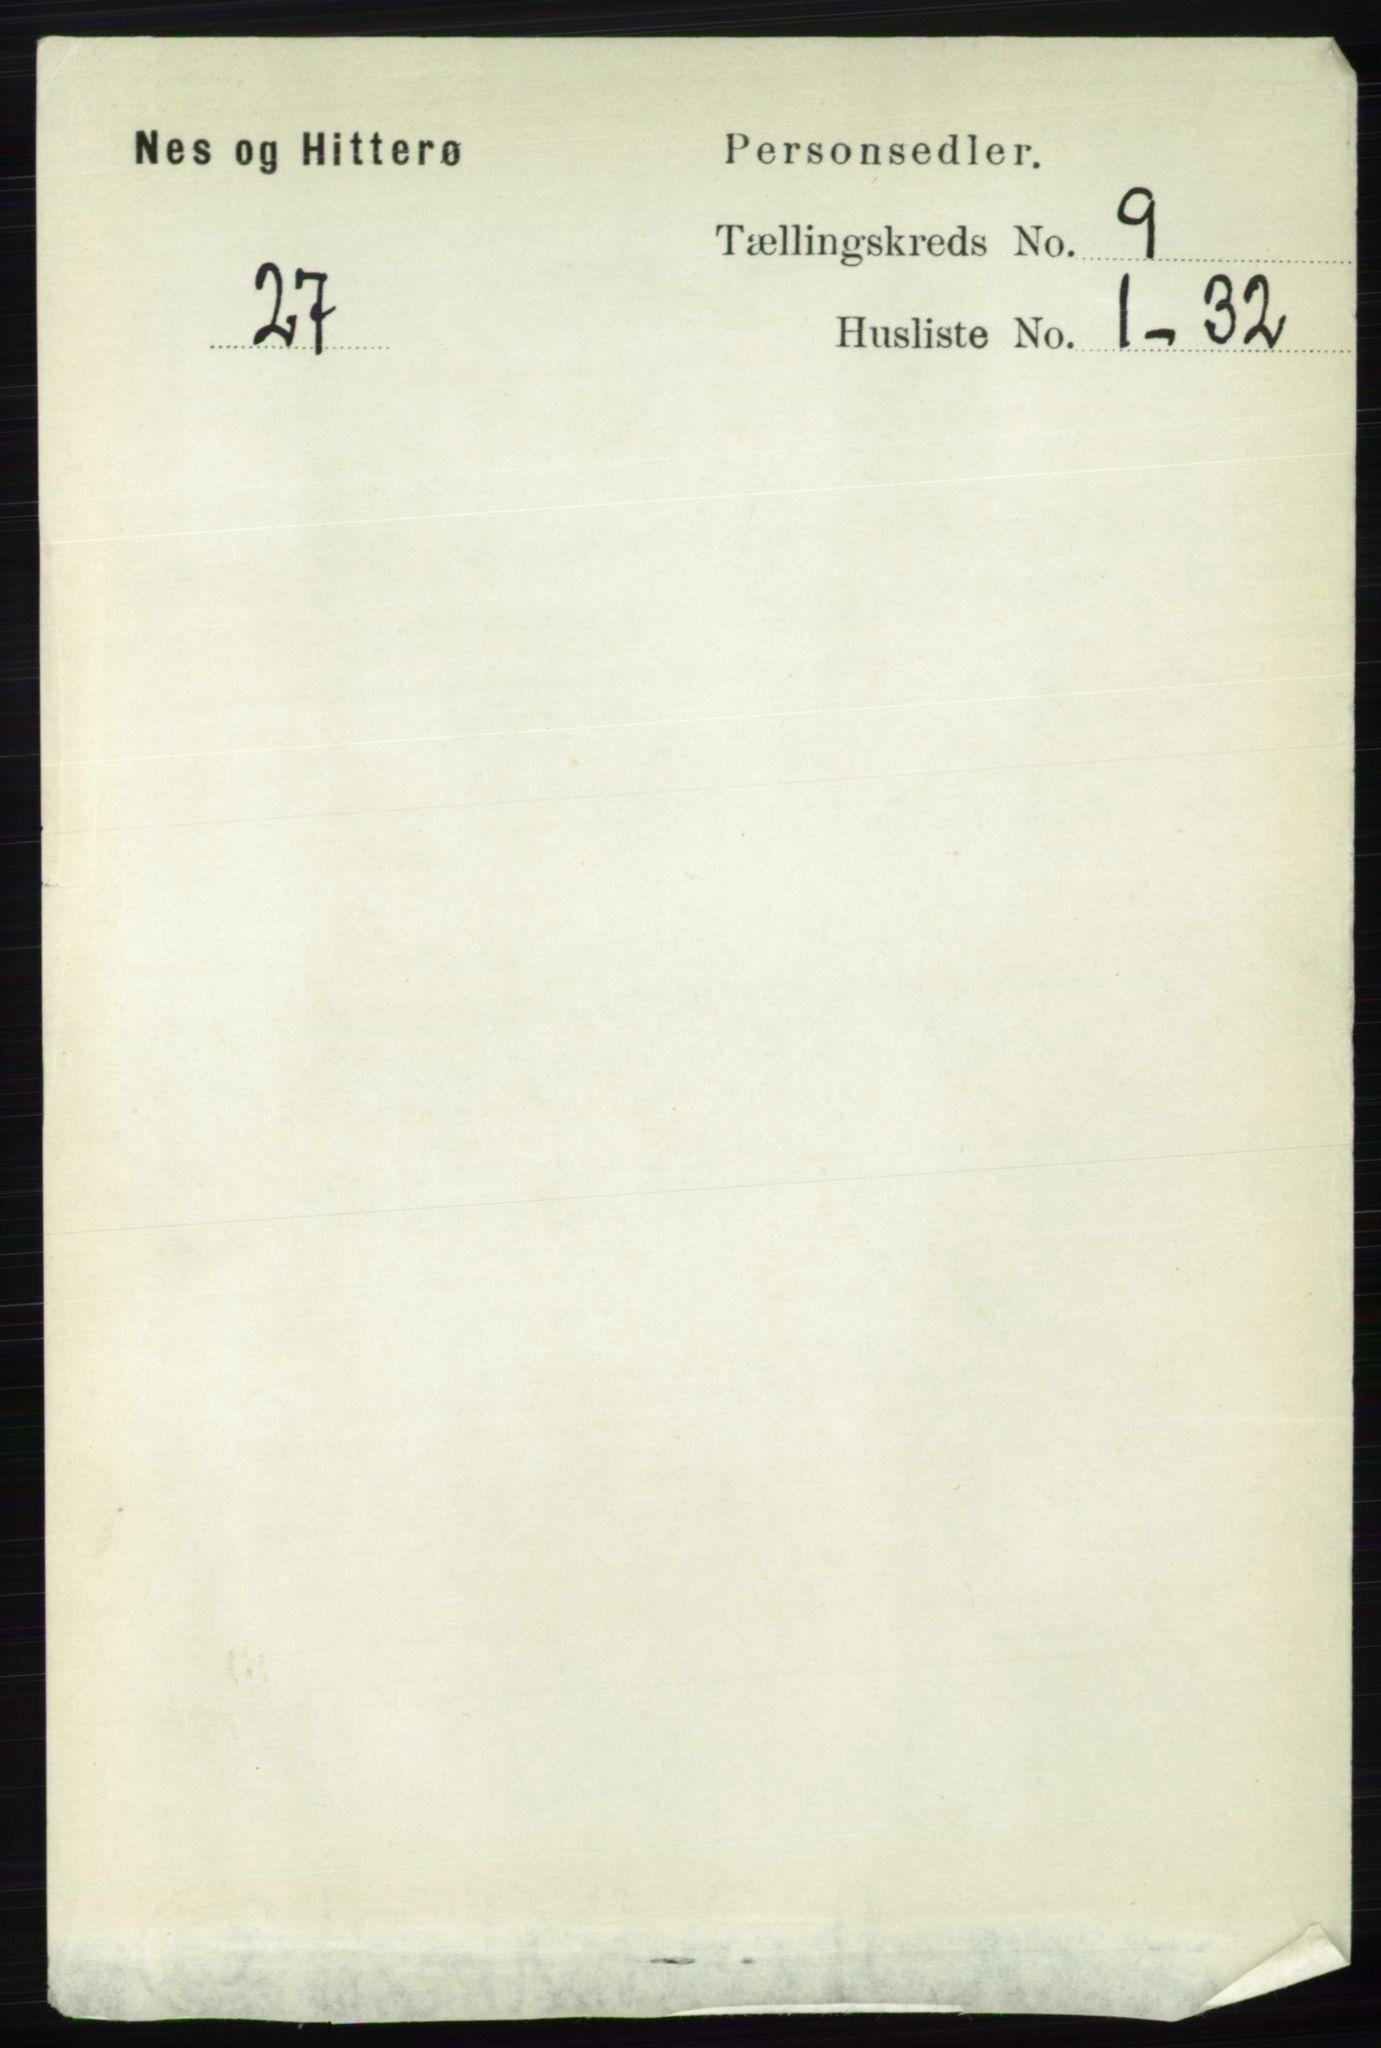 RA, Folketelling 1891 for 1043 Hidra og Nes herred, 1891, s. 3766